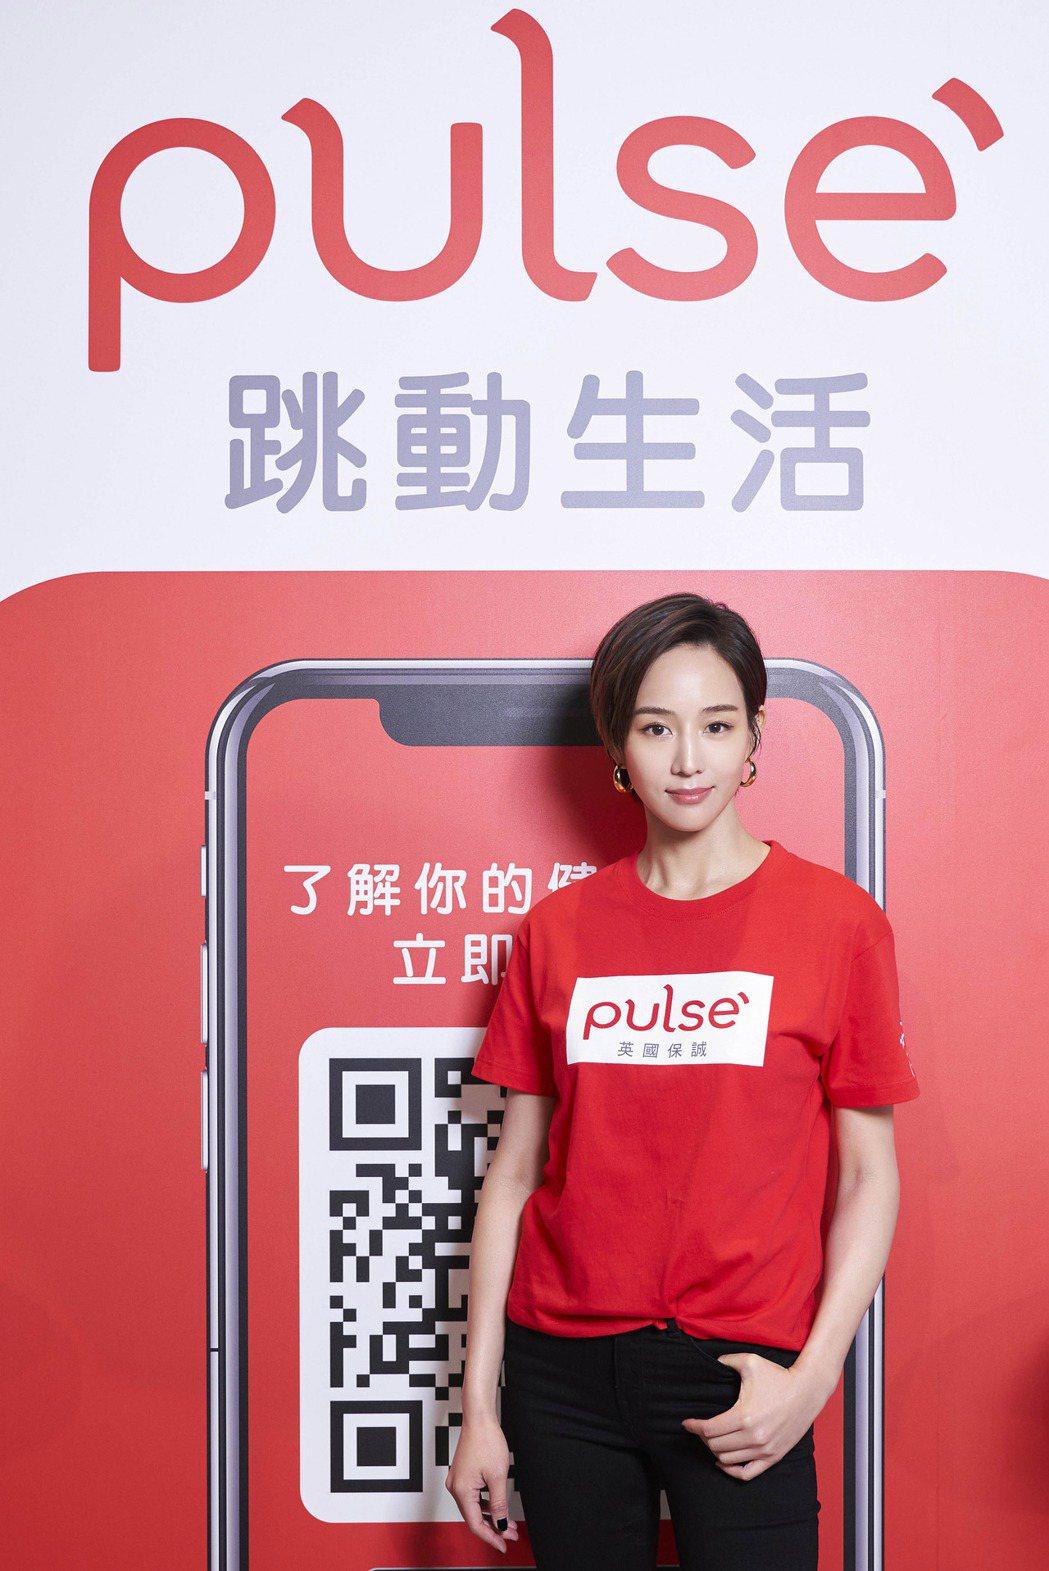 張鈞甯出席智能健康管理App「Pulse 跳動生活」記者會。圖/英國保誠提供